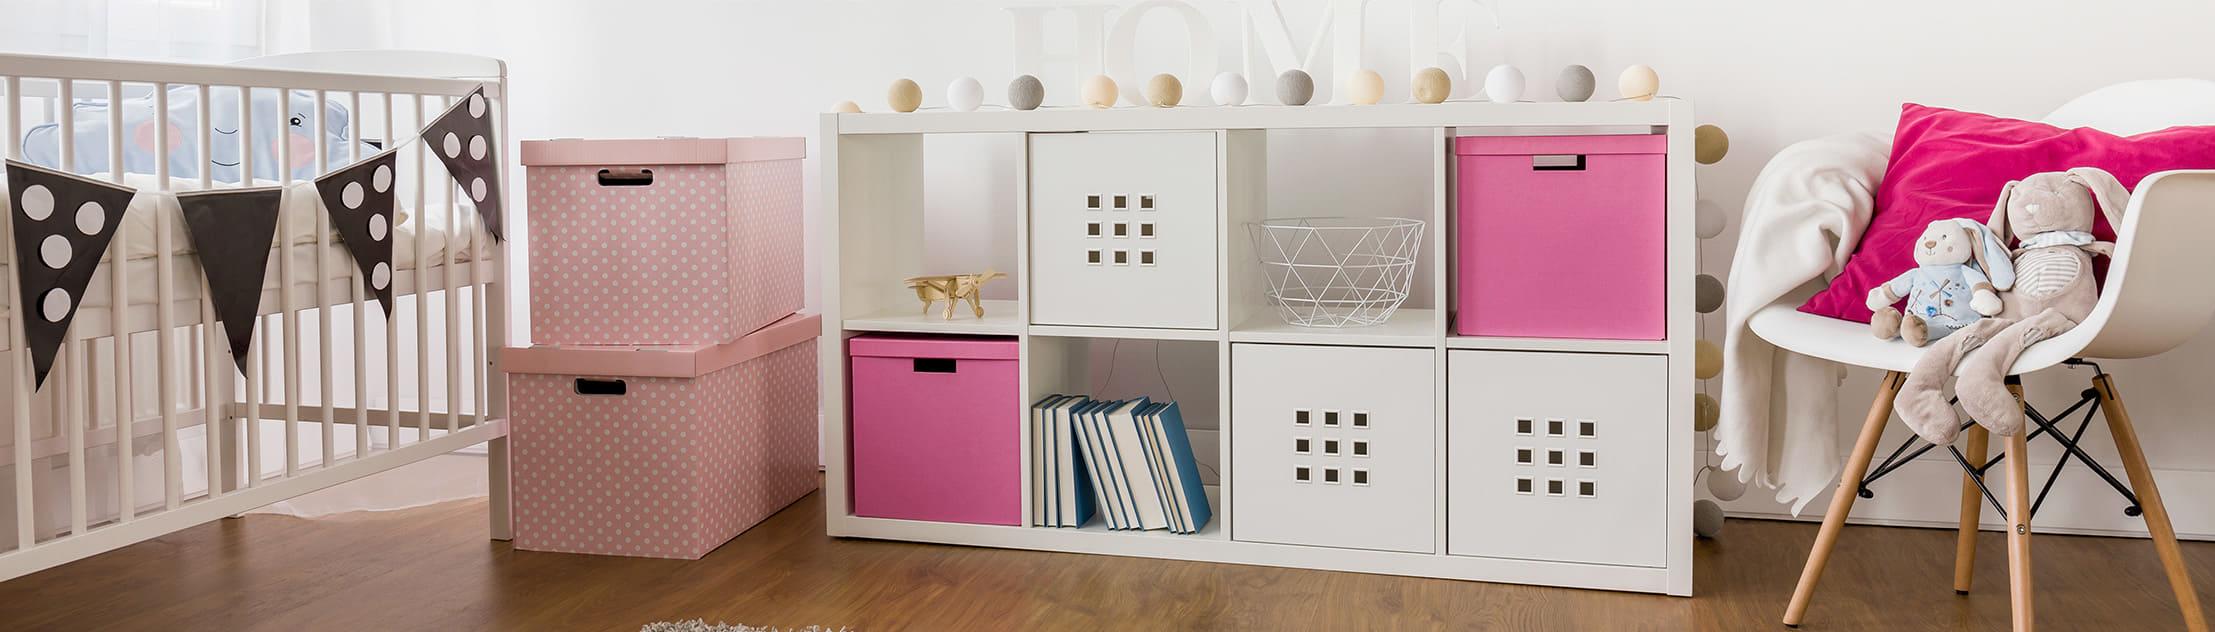 lit et chambre de b b le guide d 39 achat auchan. Black Bedroom Furniture Sets. Home Design Ideas